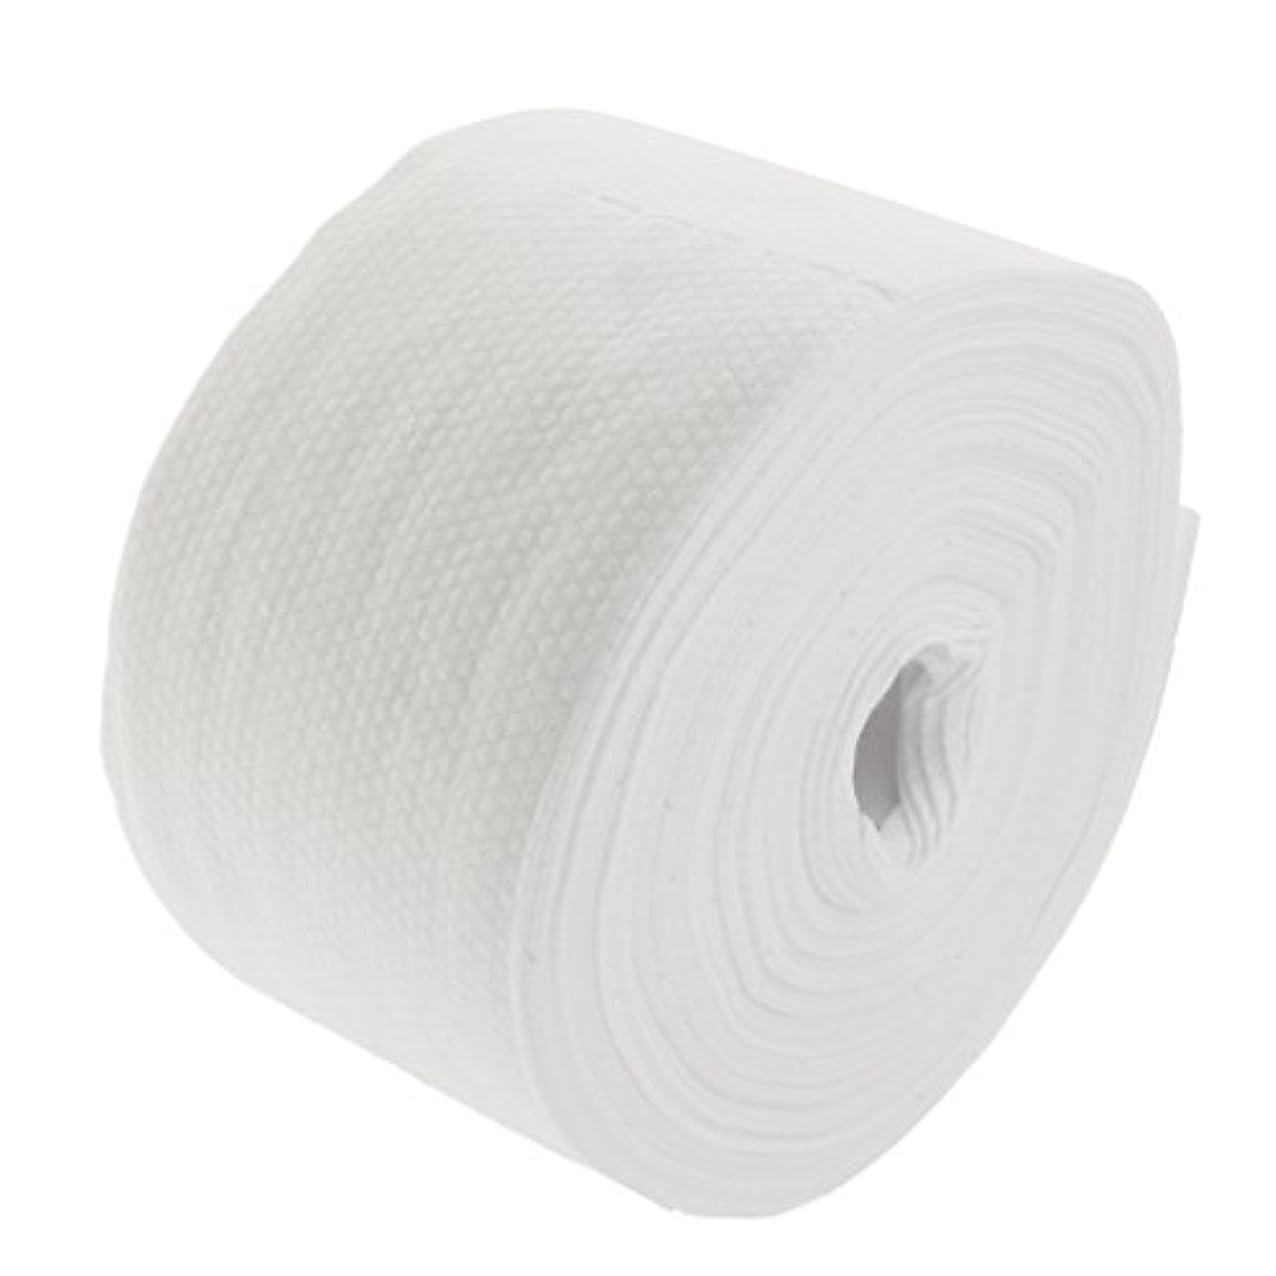 成功した欲望貧しい30メートルの使い捨て可能な綿タオル繊維クレンジングフェイシャルワイプメイク落とし - #2